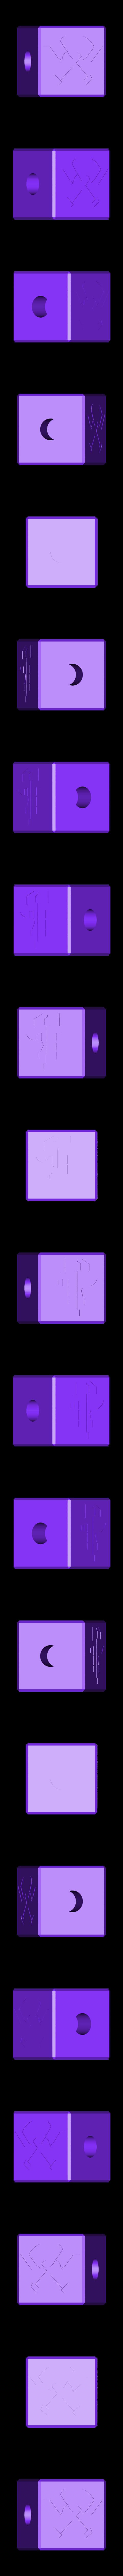 Main_Body.stl Télécharger fichier STL gratuit Aegis-fang- Wulfgar's Hammer (Imprimable) • Objet imprimable en 3D, derailed